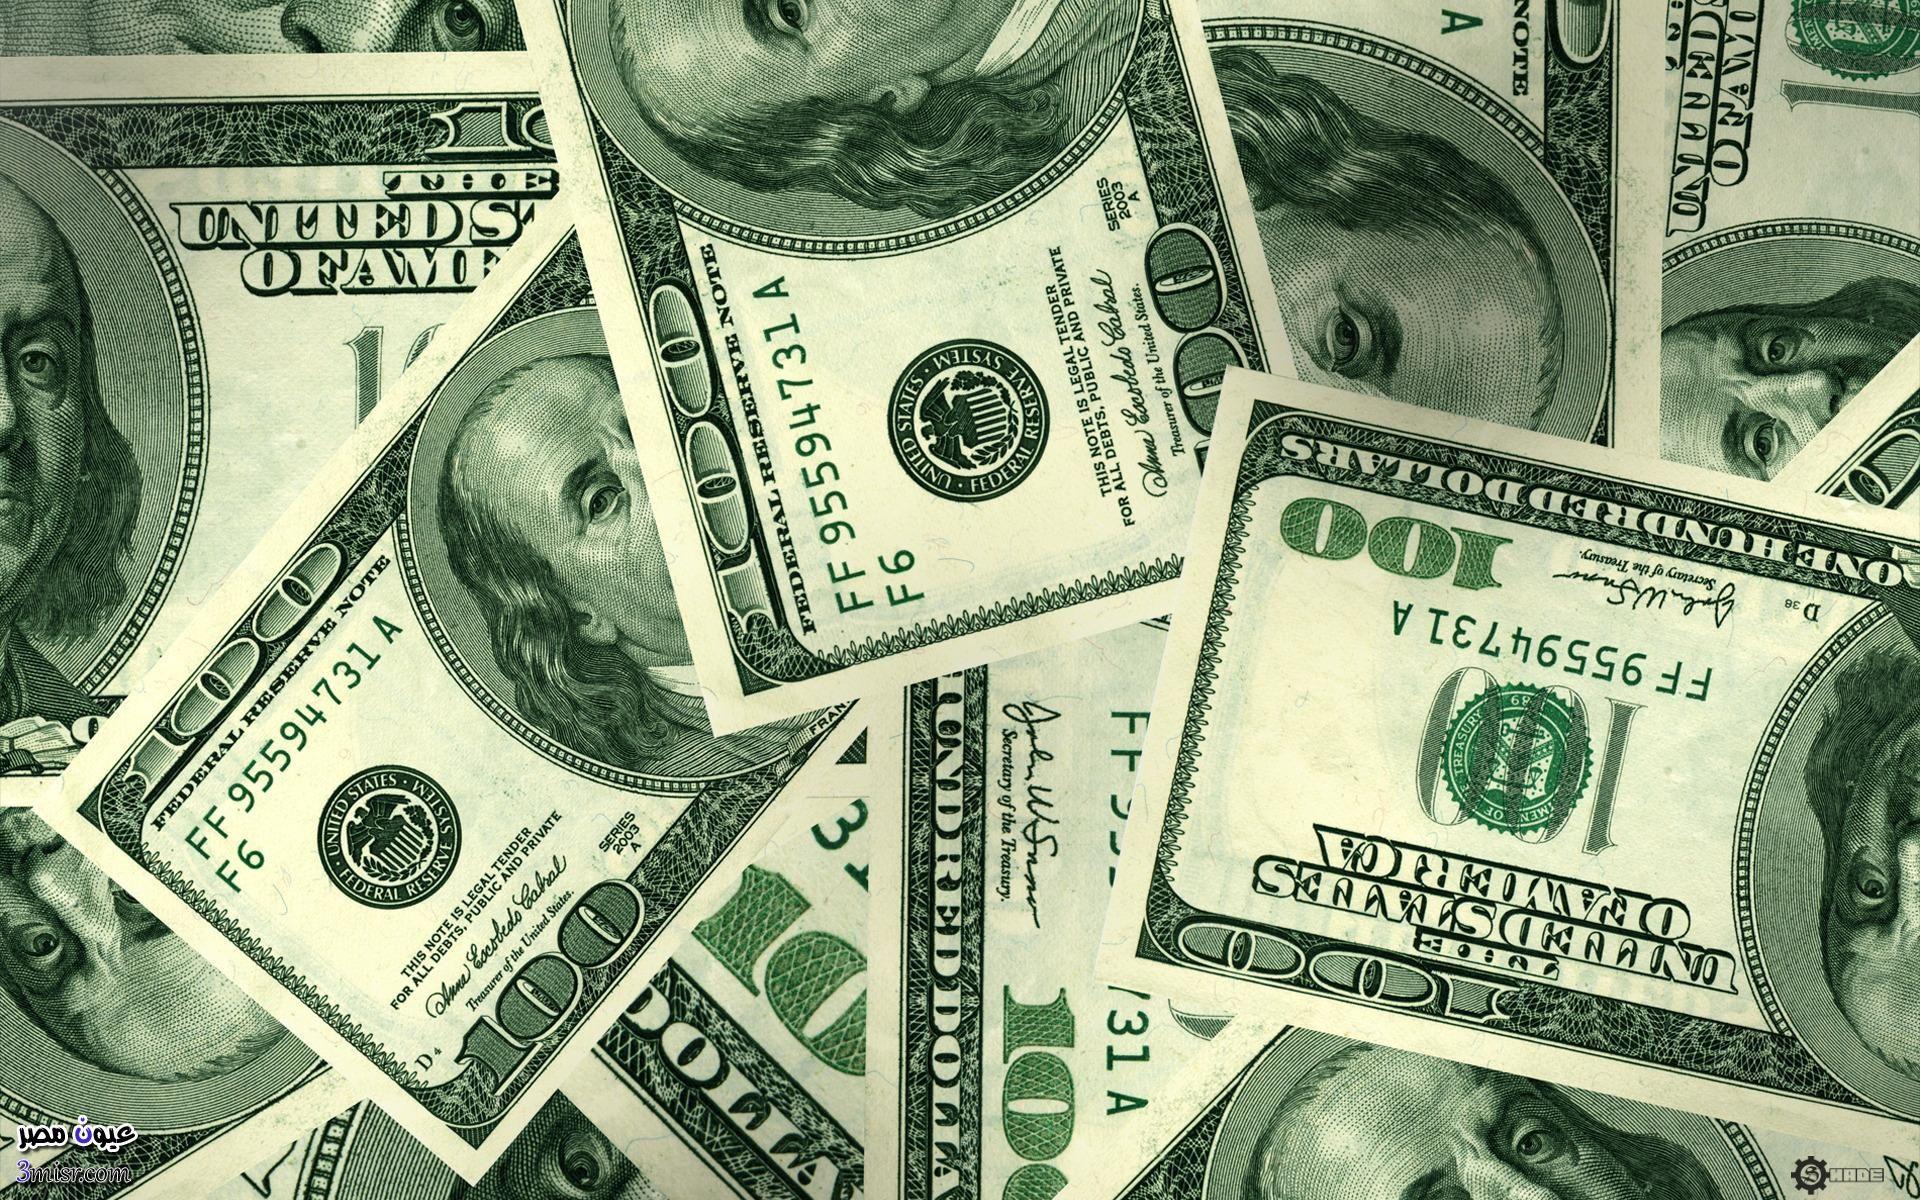 Awesome سعر الدولار والعملات اليوم الإثنين 3 إبريل 2017 بالبنك التجاري  الدولي CIB